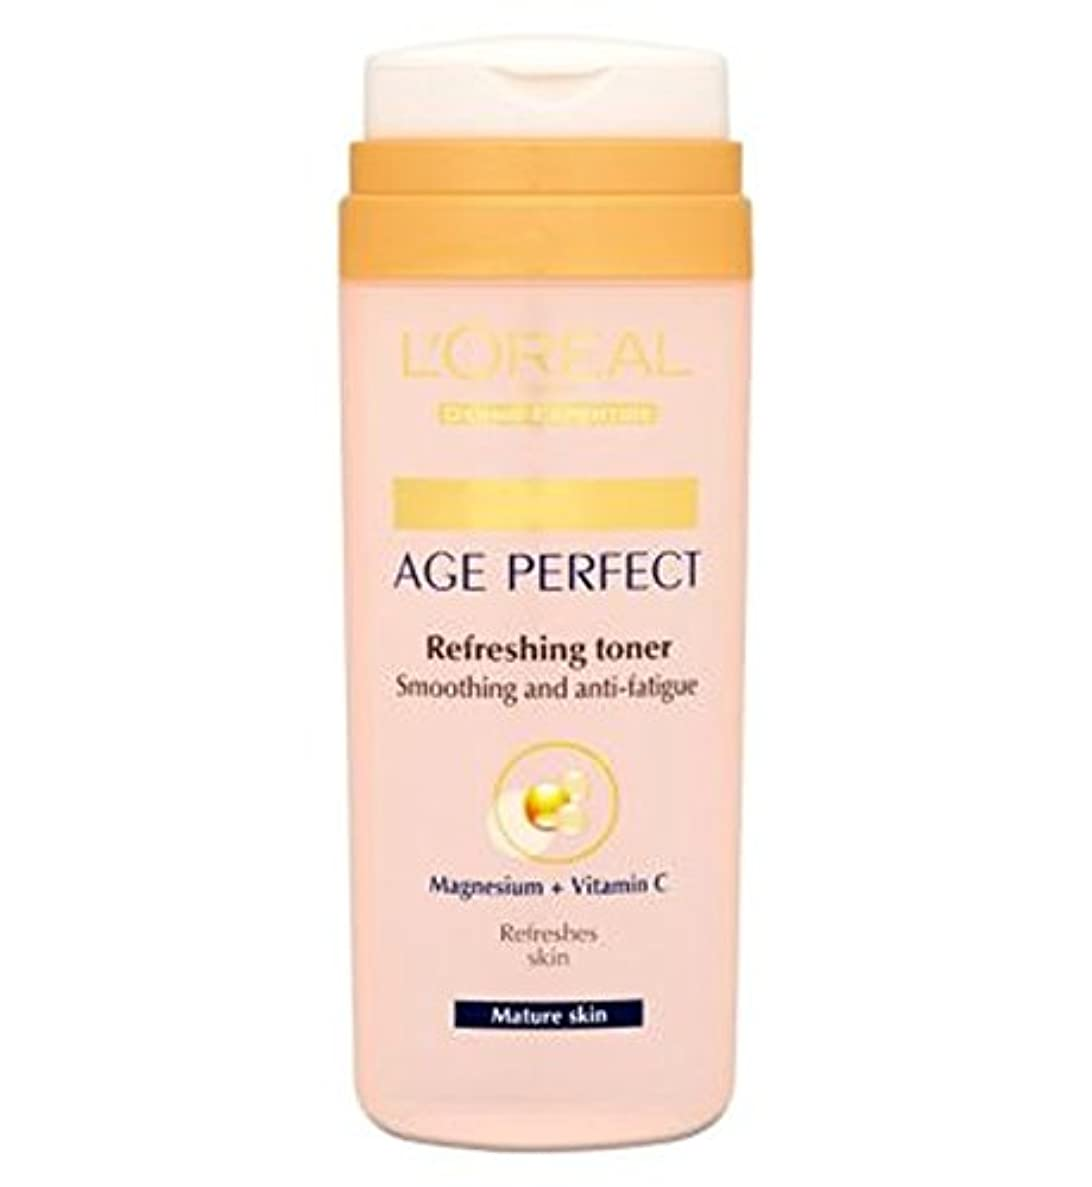 雄弁永久実際L'Oreallパリ真皮専門知識の年齢、完璧なさわやかなトナー成熟肌の200ミリリットル (L'Oreal) (x2) - L'Oreall Paris Dermo-Expertise Age Perfect Refreshing...